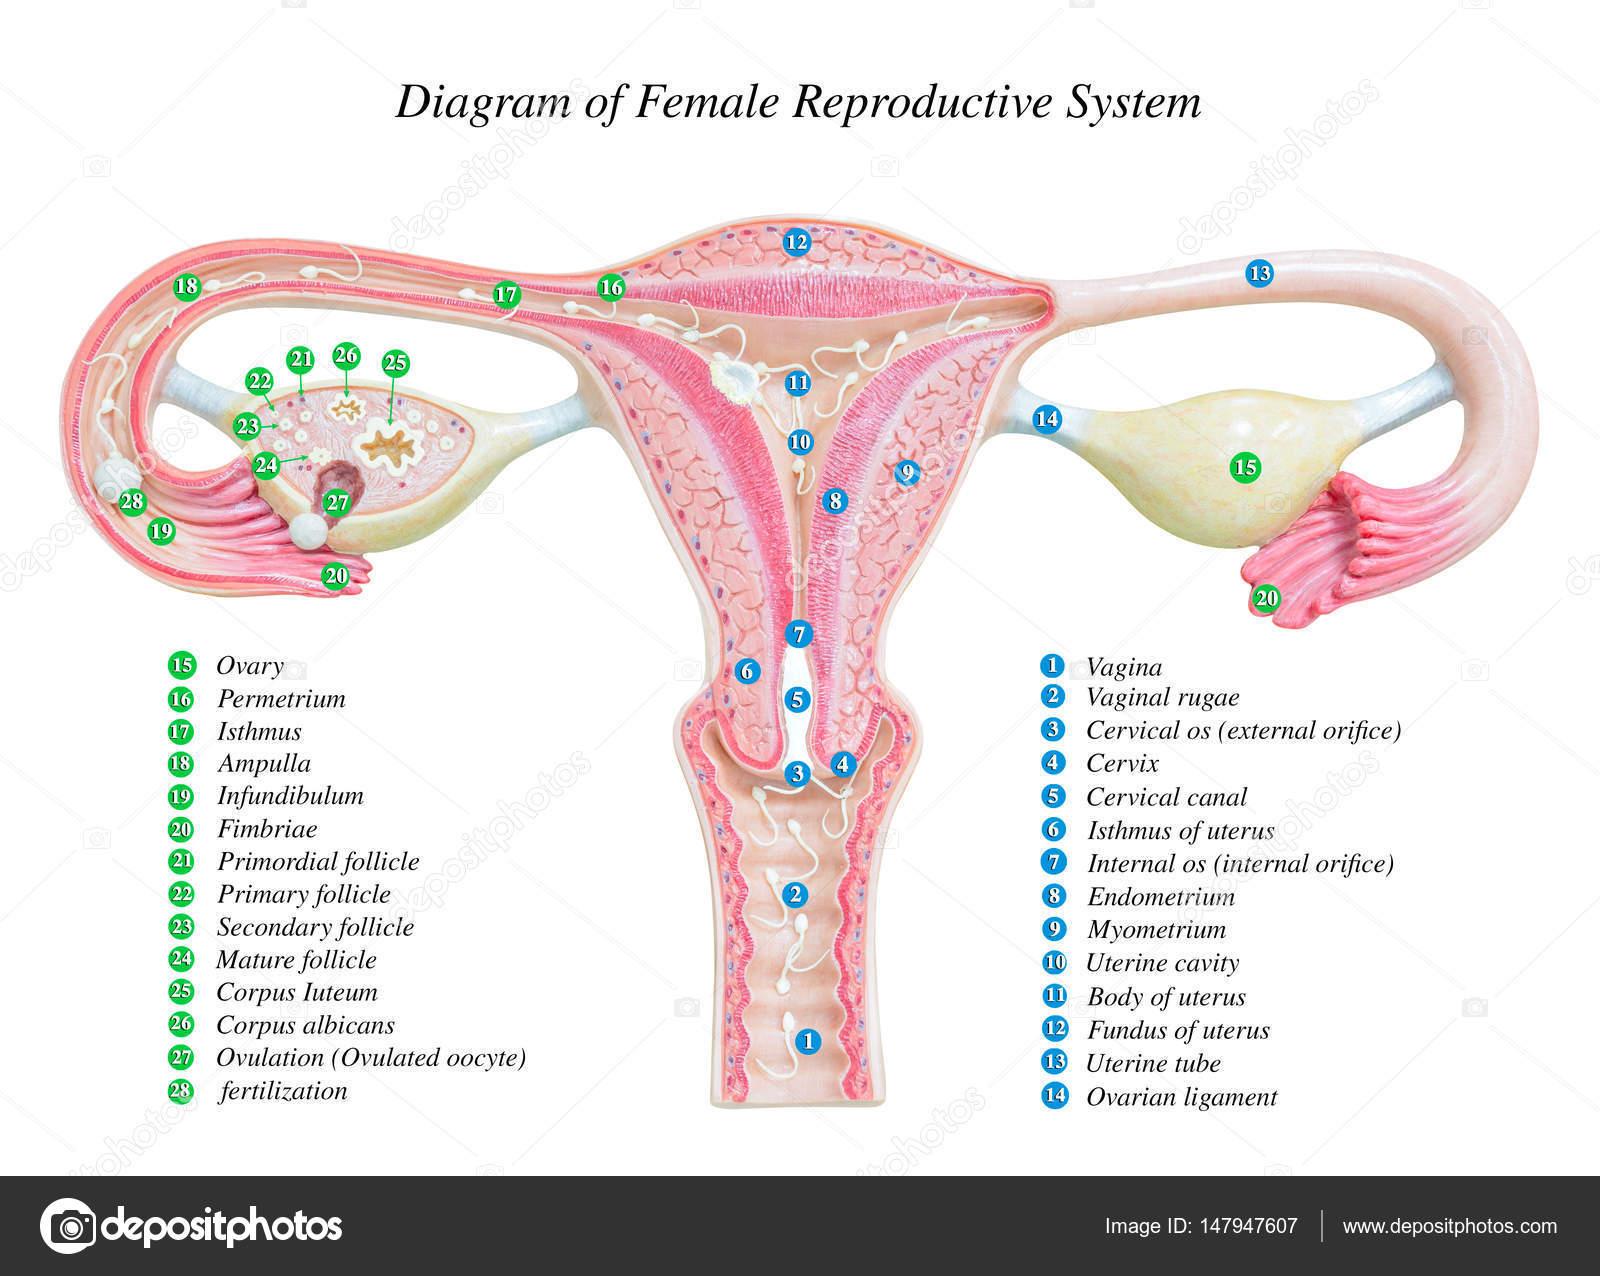 Sistema reproductor femenino, diagrama de la imagen — Foto de stock ...